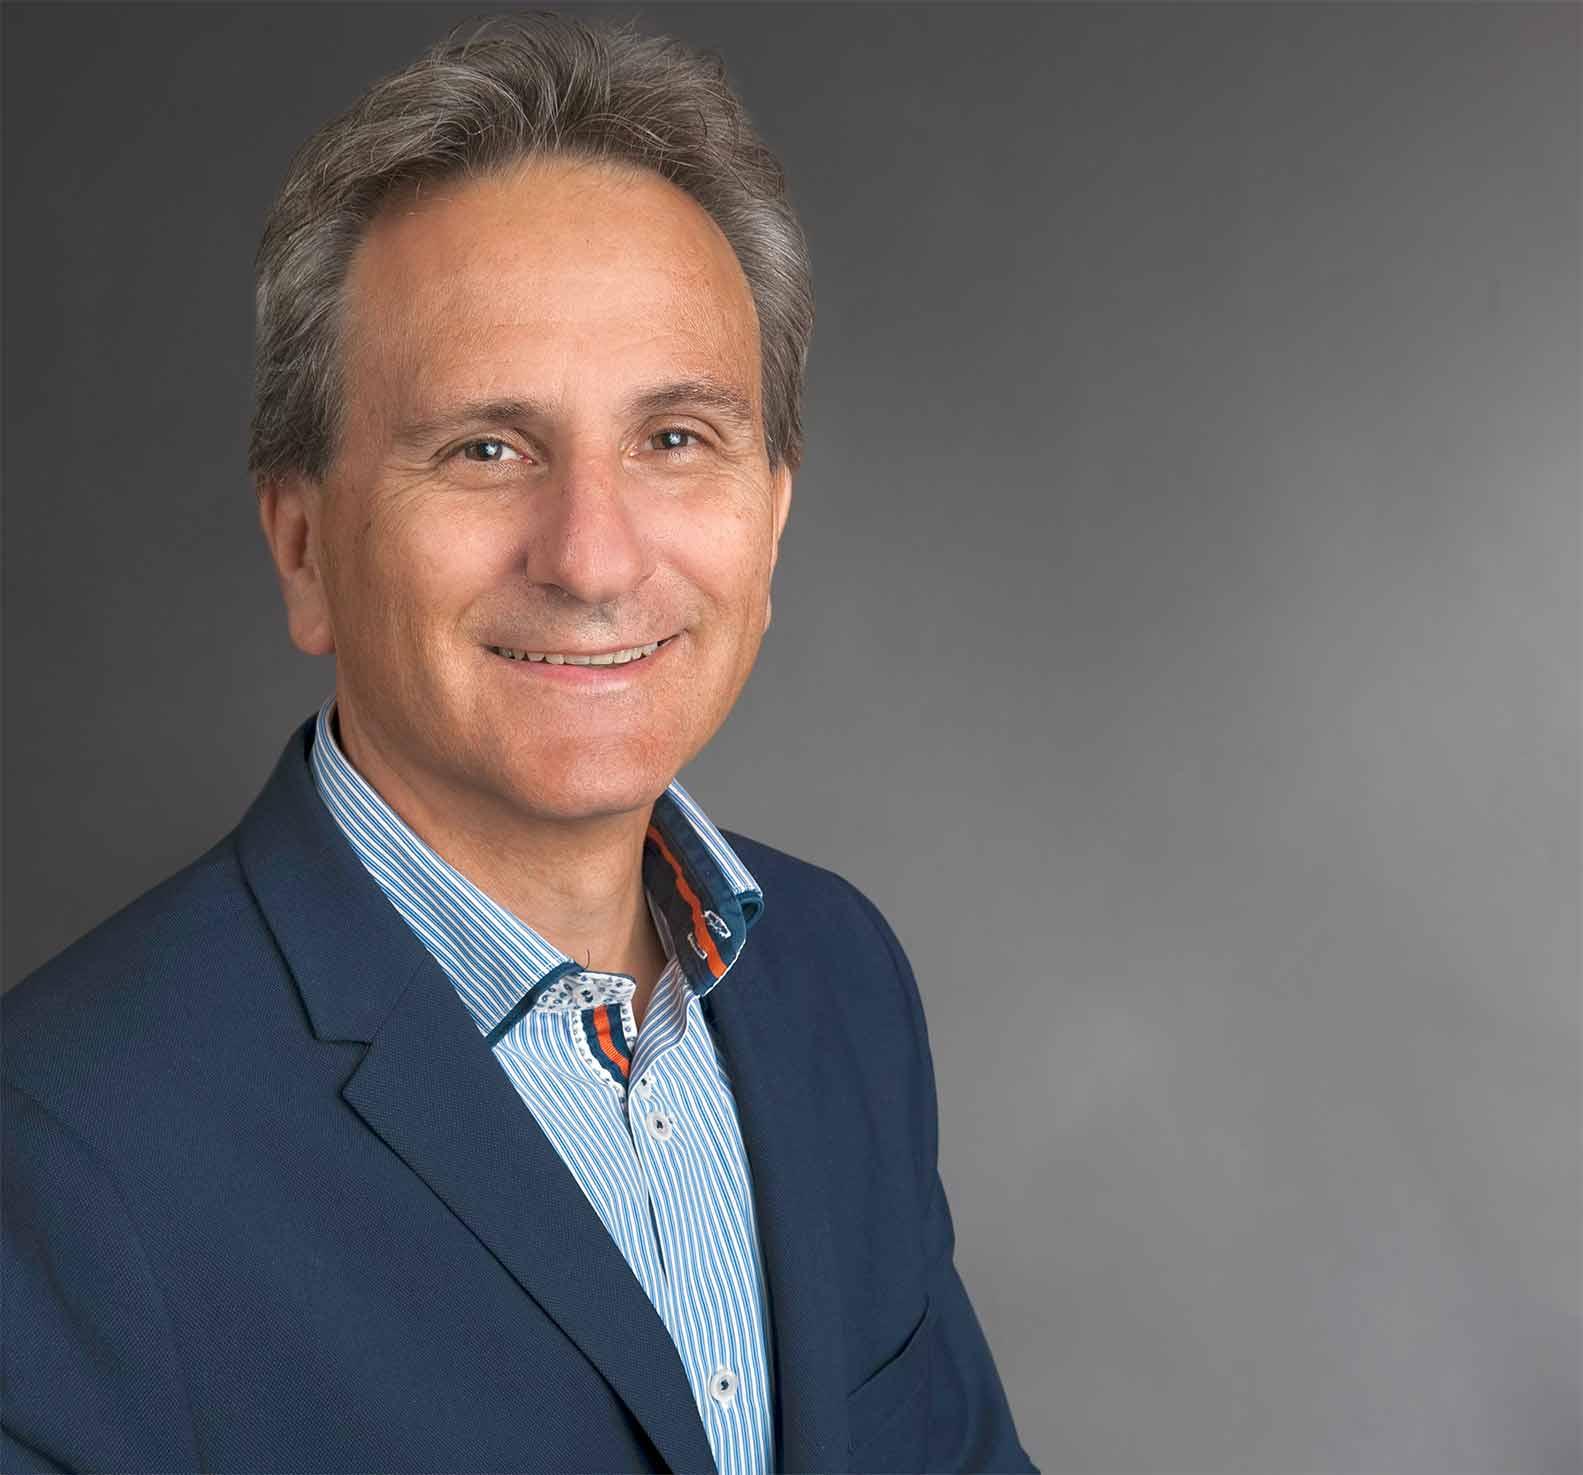 Peter Mosimann